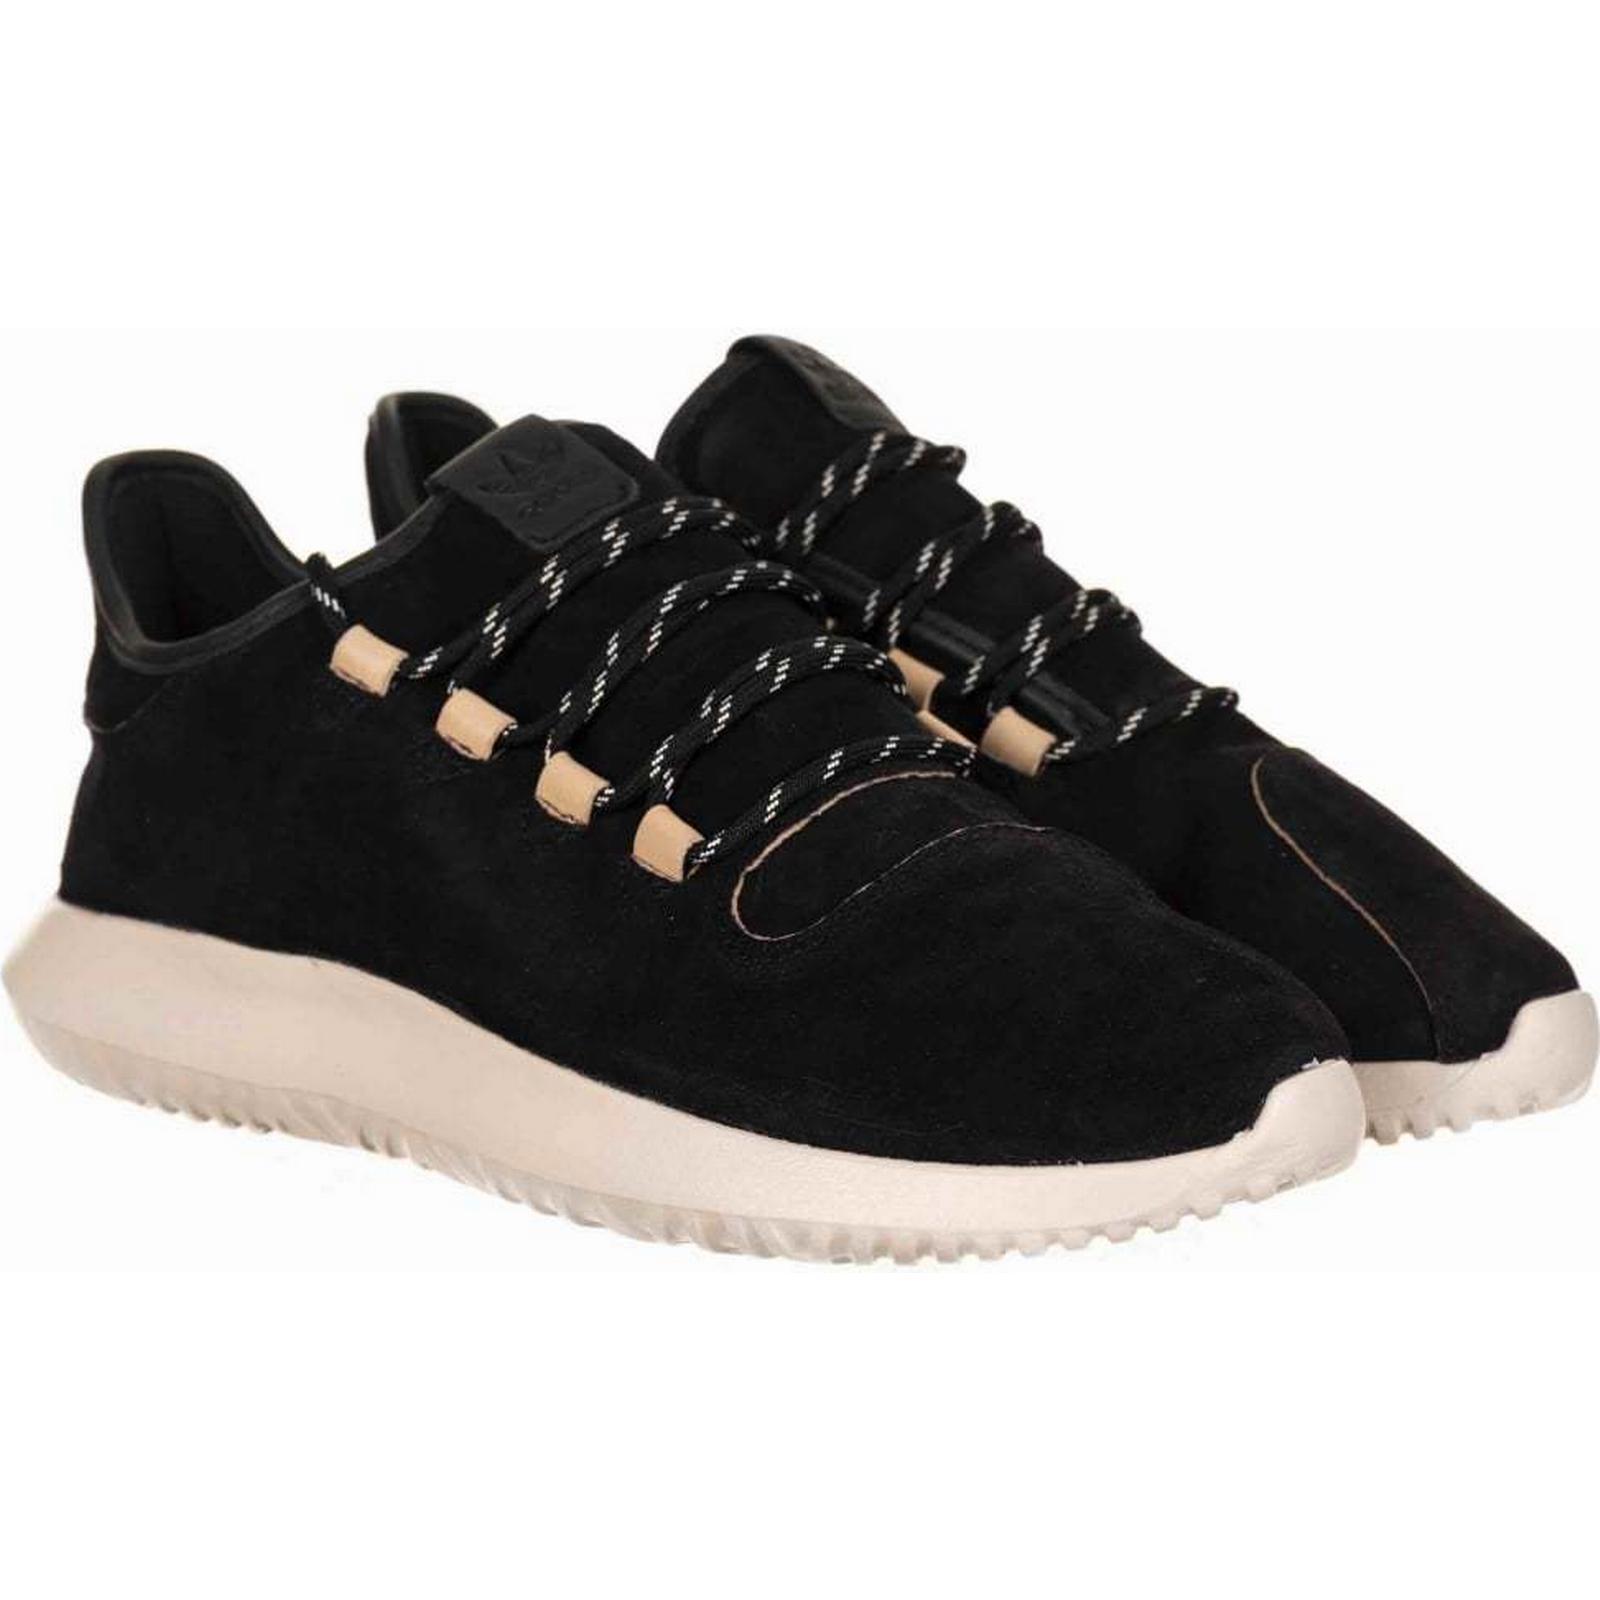 l'ombre de base originaux de chaussures base: adidas tubulaires de couleur brun noir / de base: chaussures 7822a0